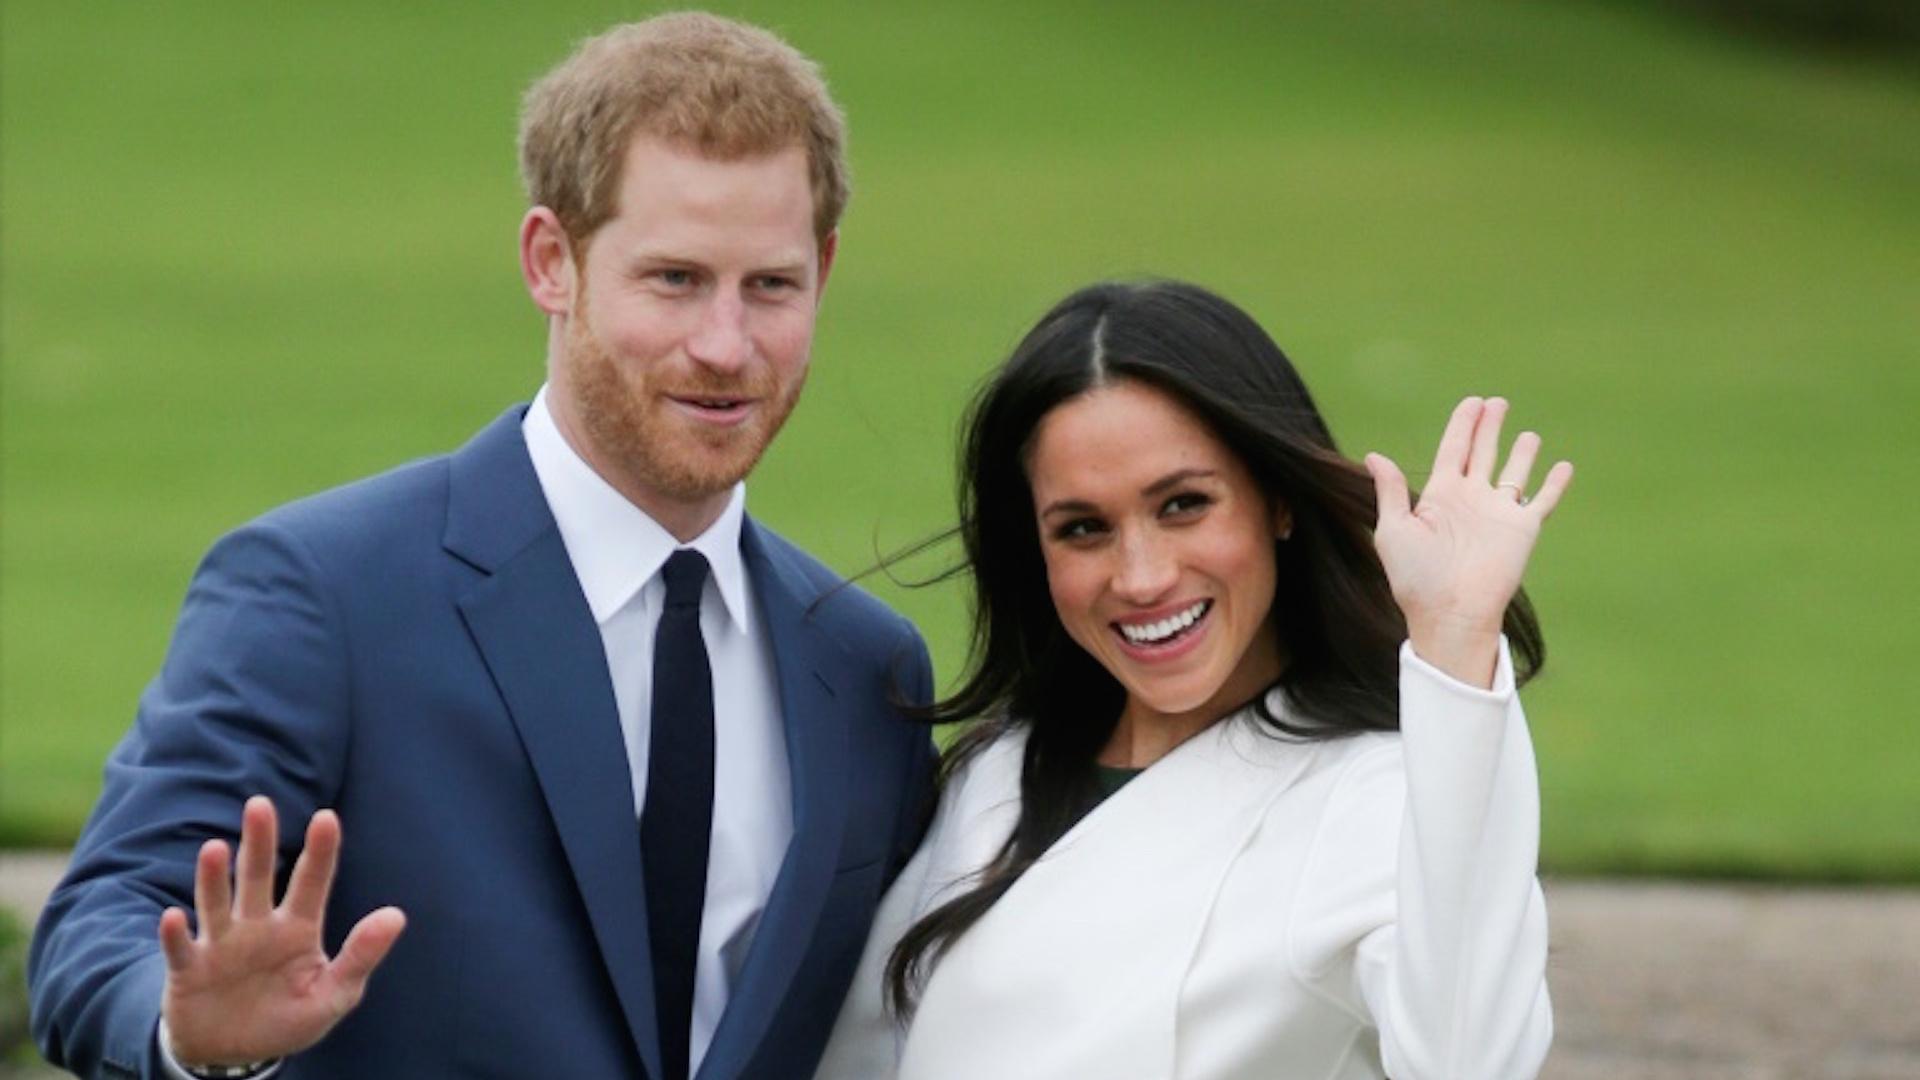 El príncipeHarry y su prometida estadounidense Meghan Markle se casarán en mayo (AFP/Archivos – Daniel LEAL-OLIVAS)